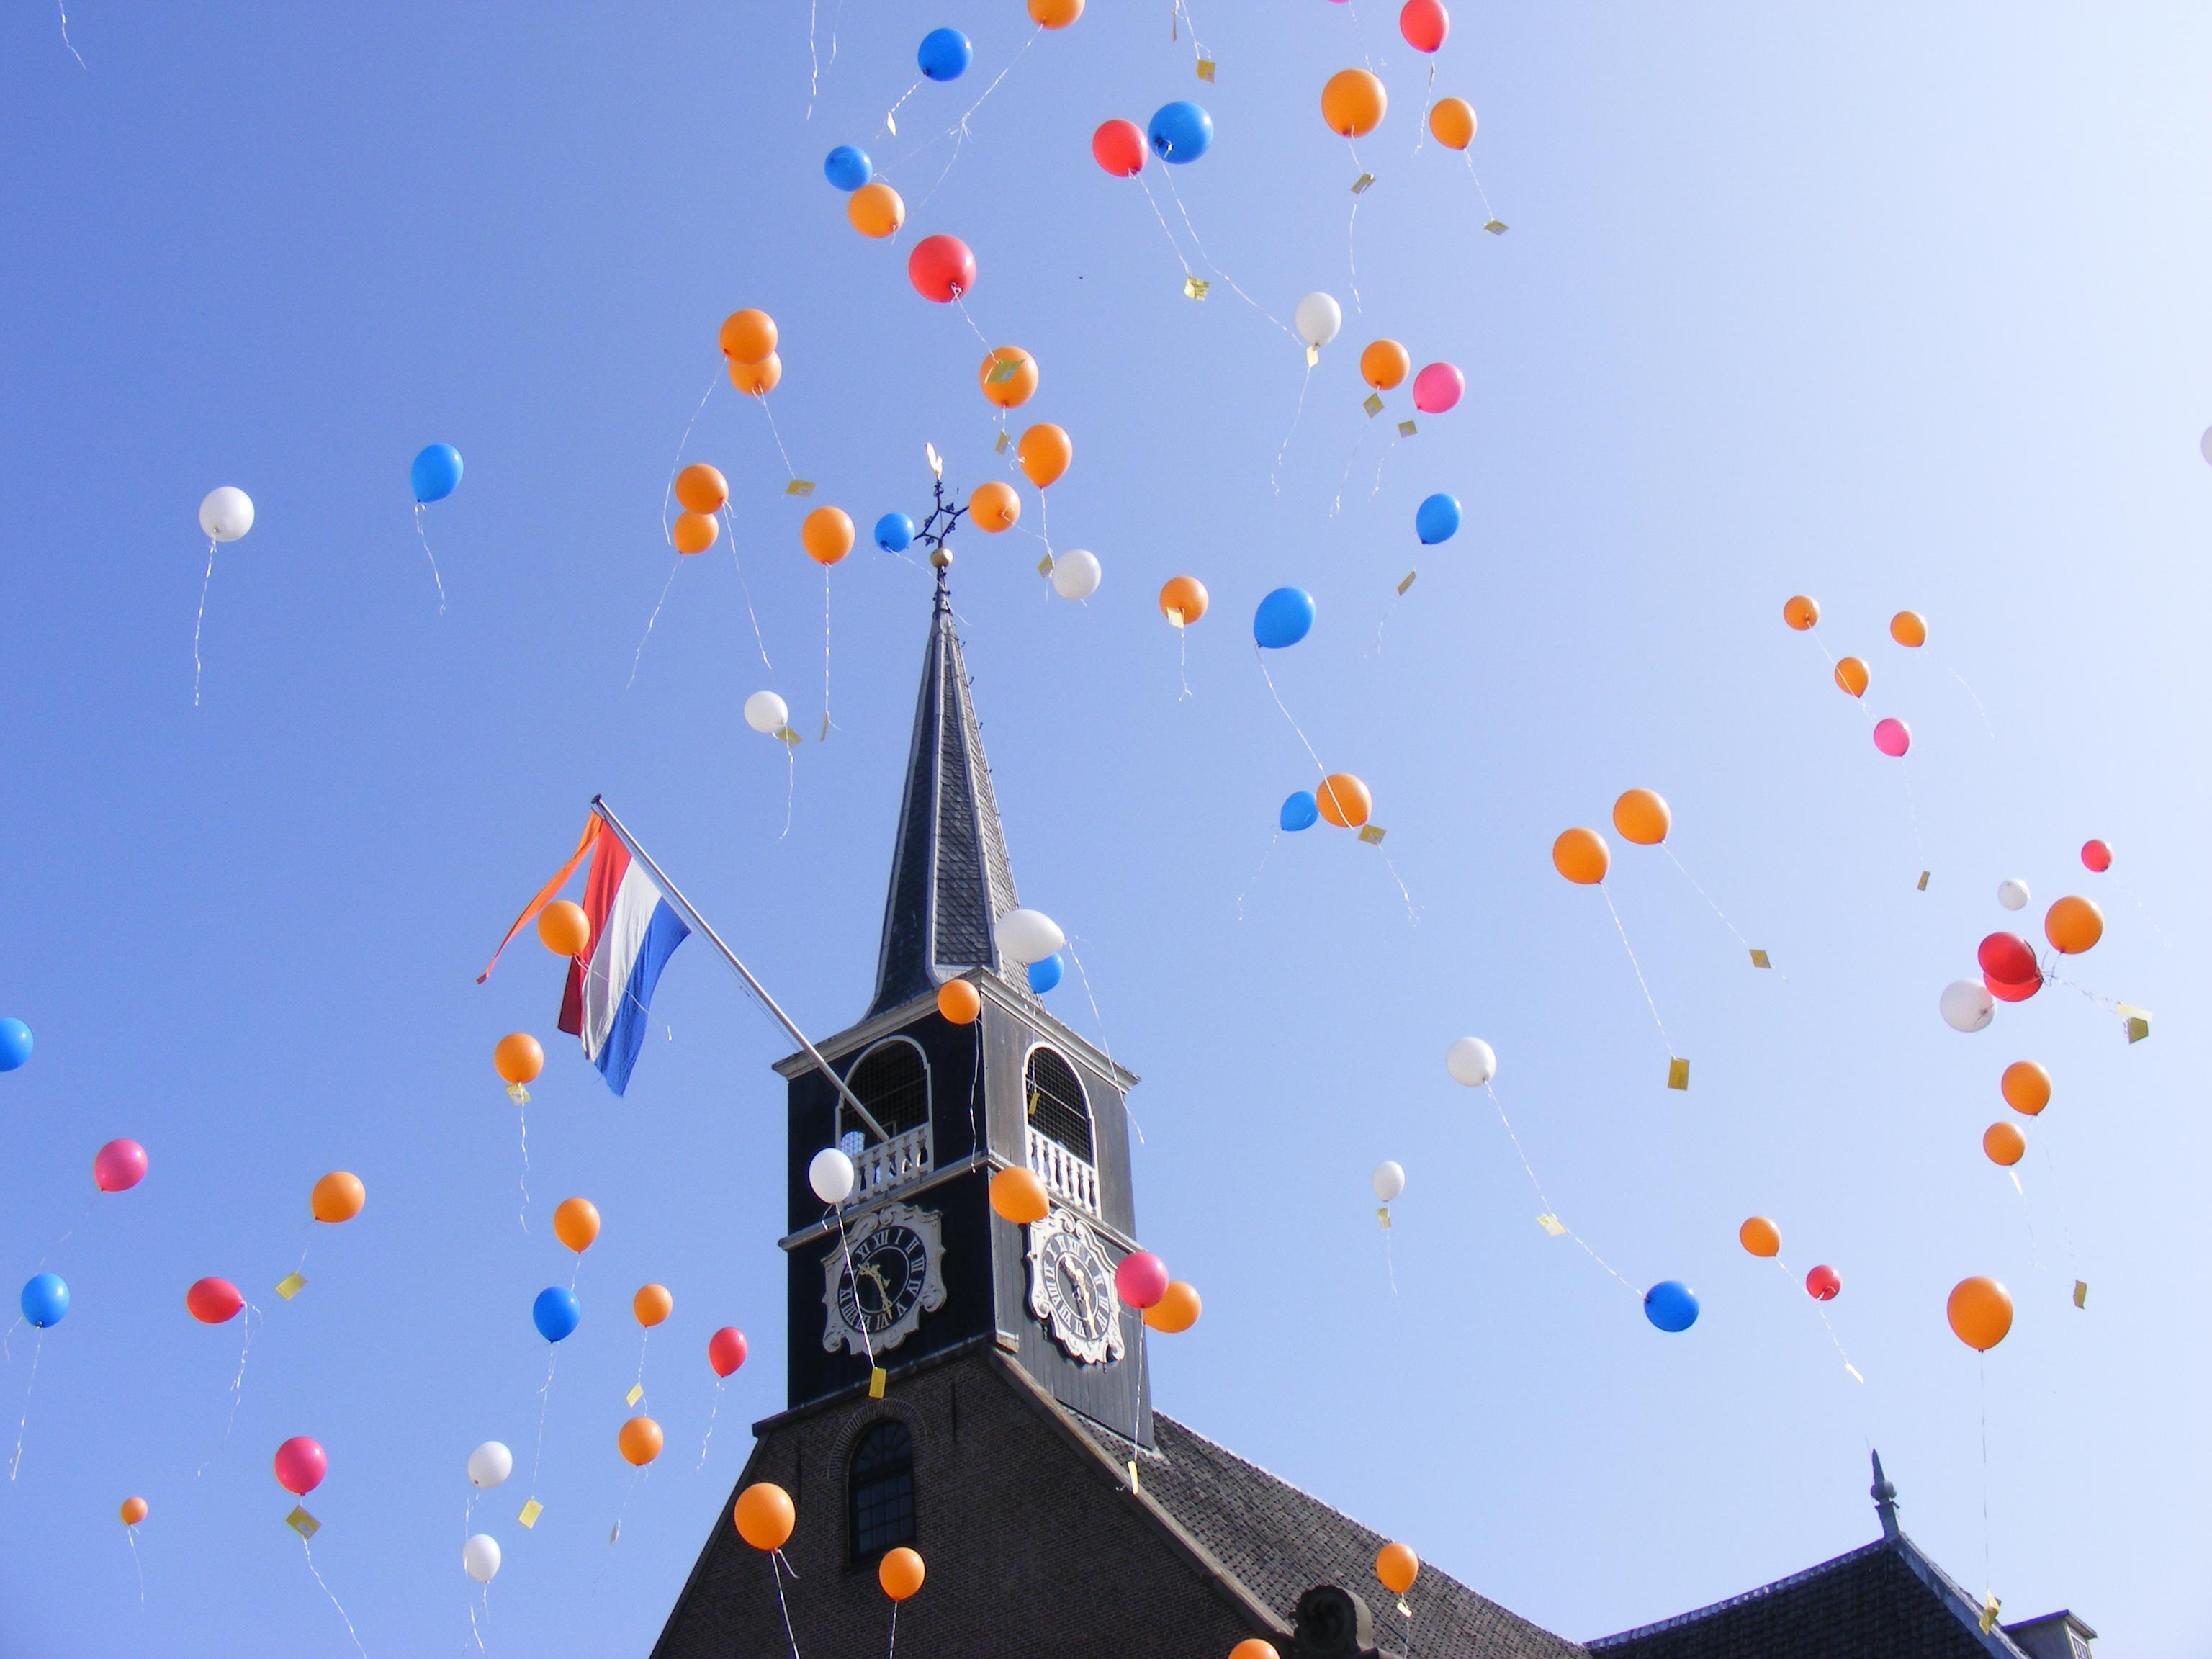 'Heel jammer', vindt de burgemeester, maar Oostzaan kan voorlopig niet vlaggen